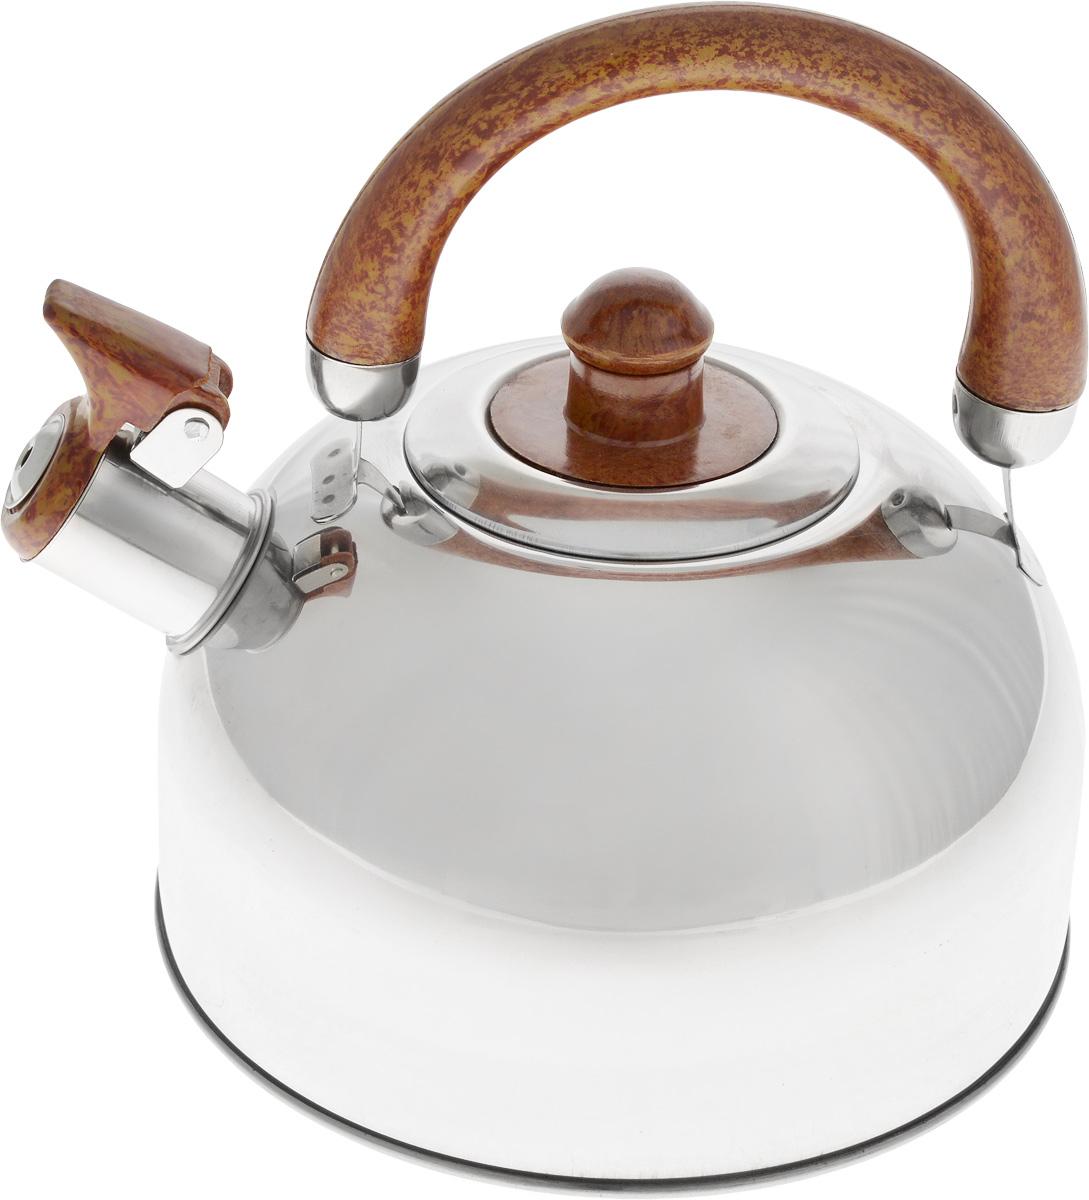 Чайник Bohmann, со свистком, 2,5 л. 622BHL622BHLЧайник Bohmann изготовлен из высококачественной нержавеющей стали с зеркальной полировкой. Нержавеющая сталь - материал, из которого в течение нескольких десятилетий во всем мире производятся столовые приборы, кухонные инструменты и различные аксессуары. Этот материал обладает высокой стойкостью к коррозии и кислотам. Прочность, долговечность и надежность этого материала, а также первоклассная обработка обеспечивают практически неограниченный запас прочности и неизменно привлекательный внешний вид. Чайник оснащен удобной фиксированной ручкой, выполненной из бакелита с рисунком под дерево. Носик чайника имеет откидной свисток, который подскажет, когда вода закипела. Можно использовать на газовых, электрических, галогеновых, стеклокерамических, кроме индукционных плит. Можно мыть в посудомоечной машине.Высота чайника (без учета ручки и крышки): 11 см.Высота чайника (с учетом ручки): 20 см.Диаметр основания чайника: 19 см.Диаметр чайника (по верхнему краю): 8,5 см.